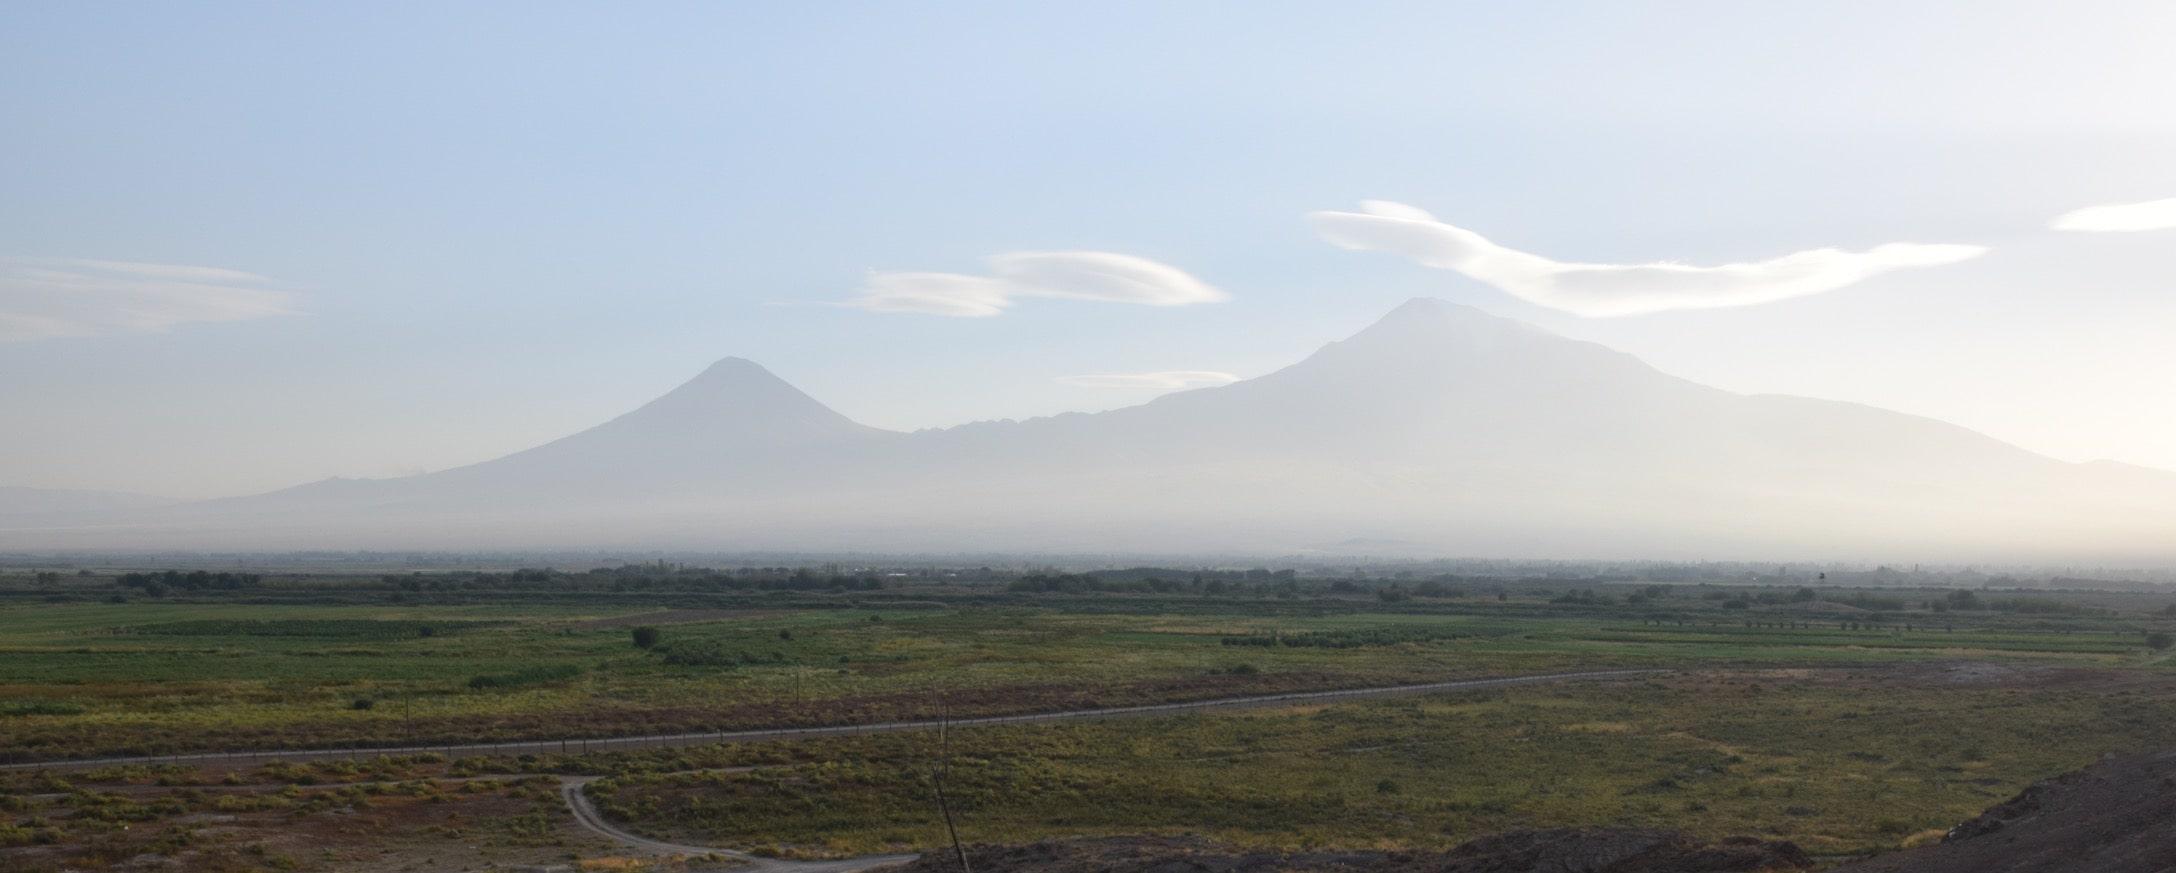 Поездка в Армению. Вид на Арарат с монастыря Хор Вирап - гора в дымке